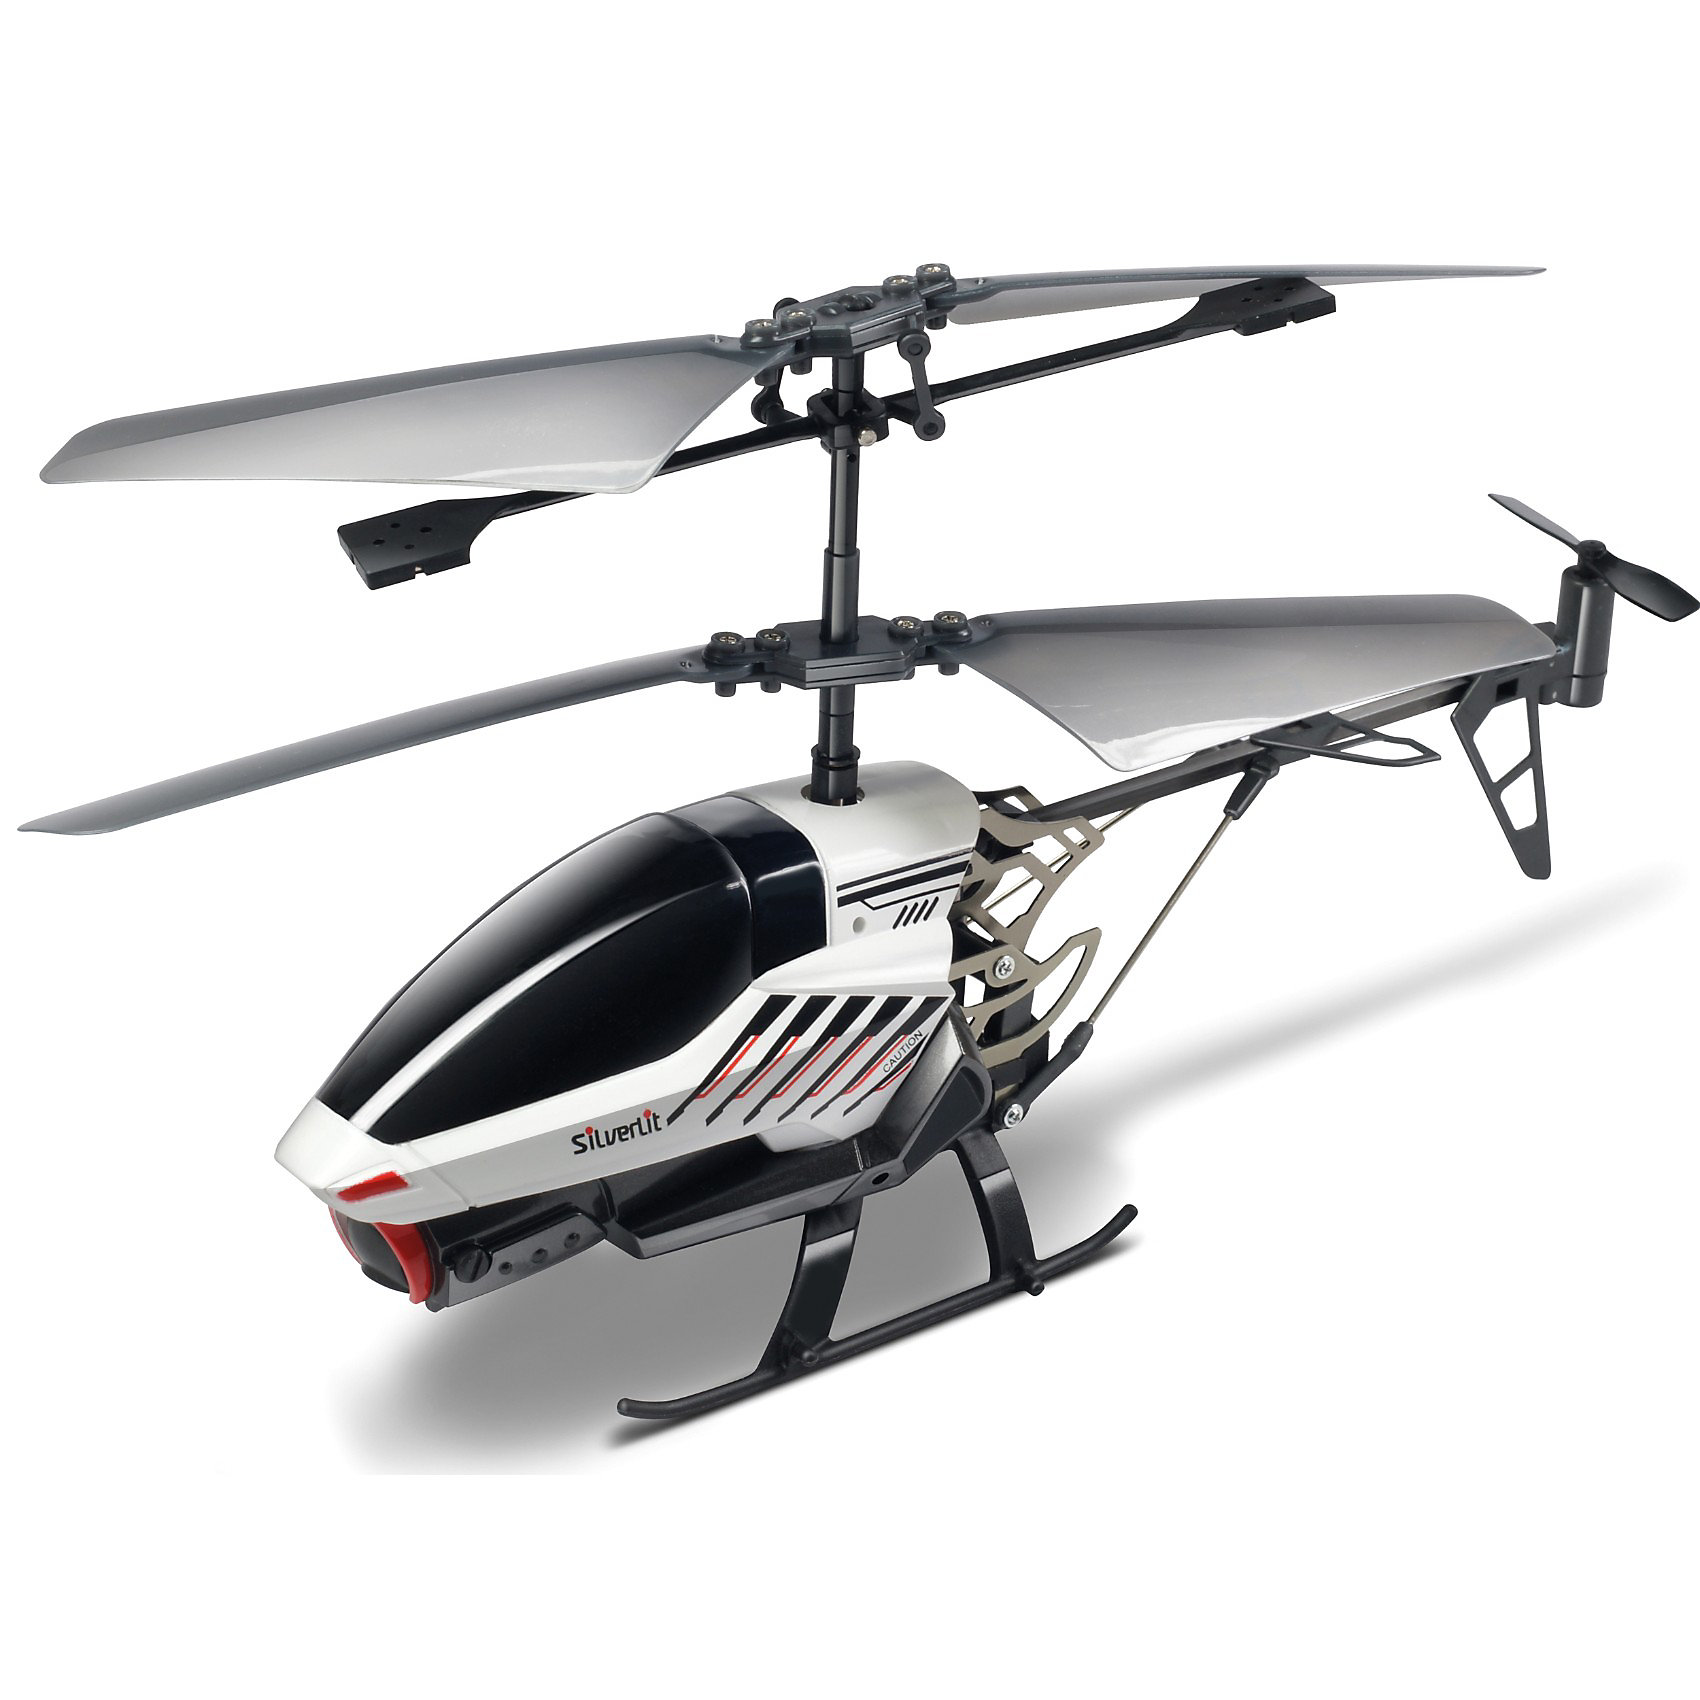 Silverlit Вертолет Шпион с видеокамерой 3х канальный, Silverlit купить 3х комнатные квартиры в подольске по улице вокзальная